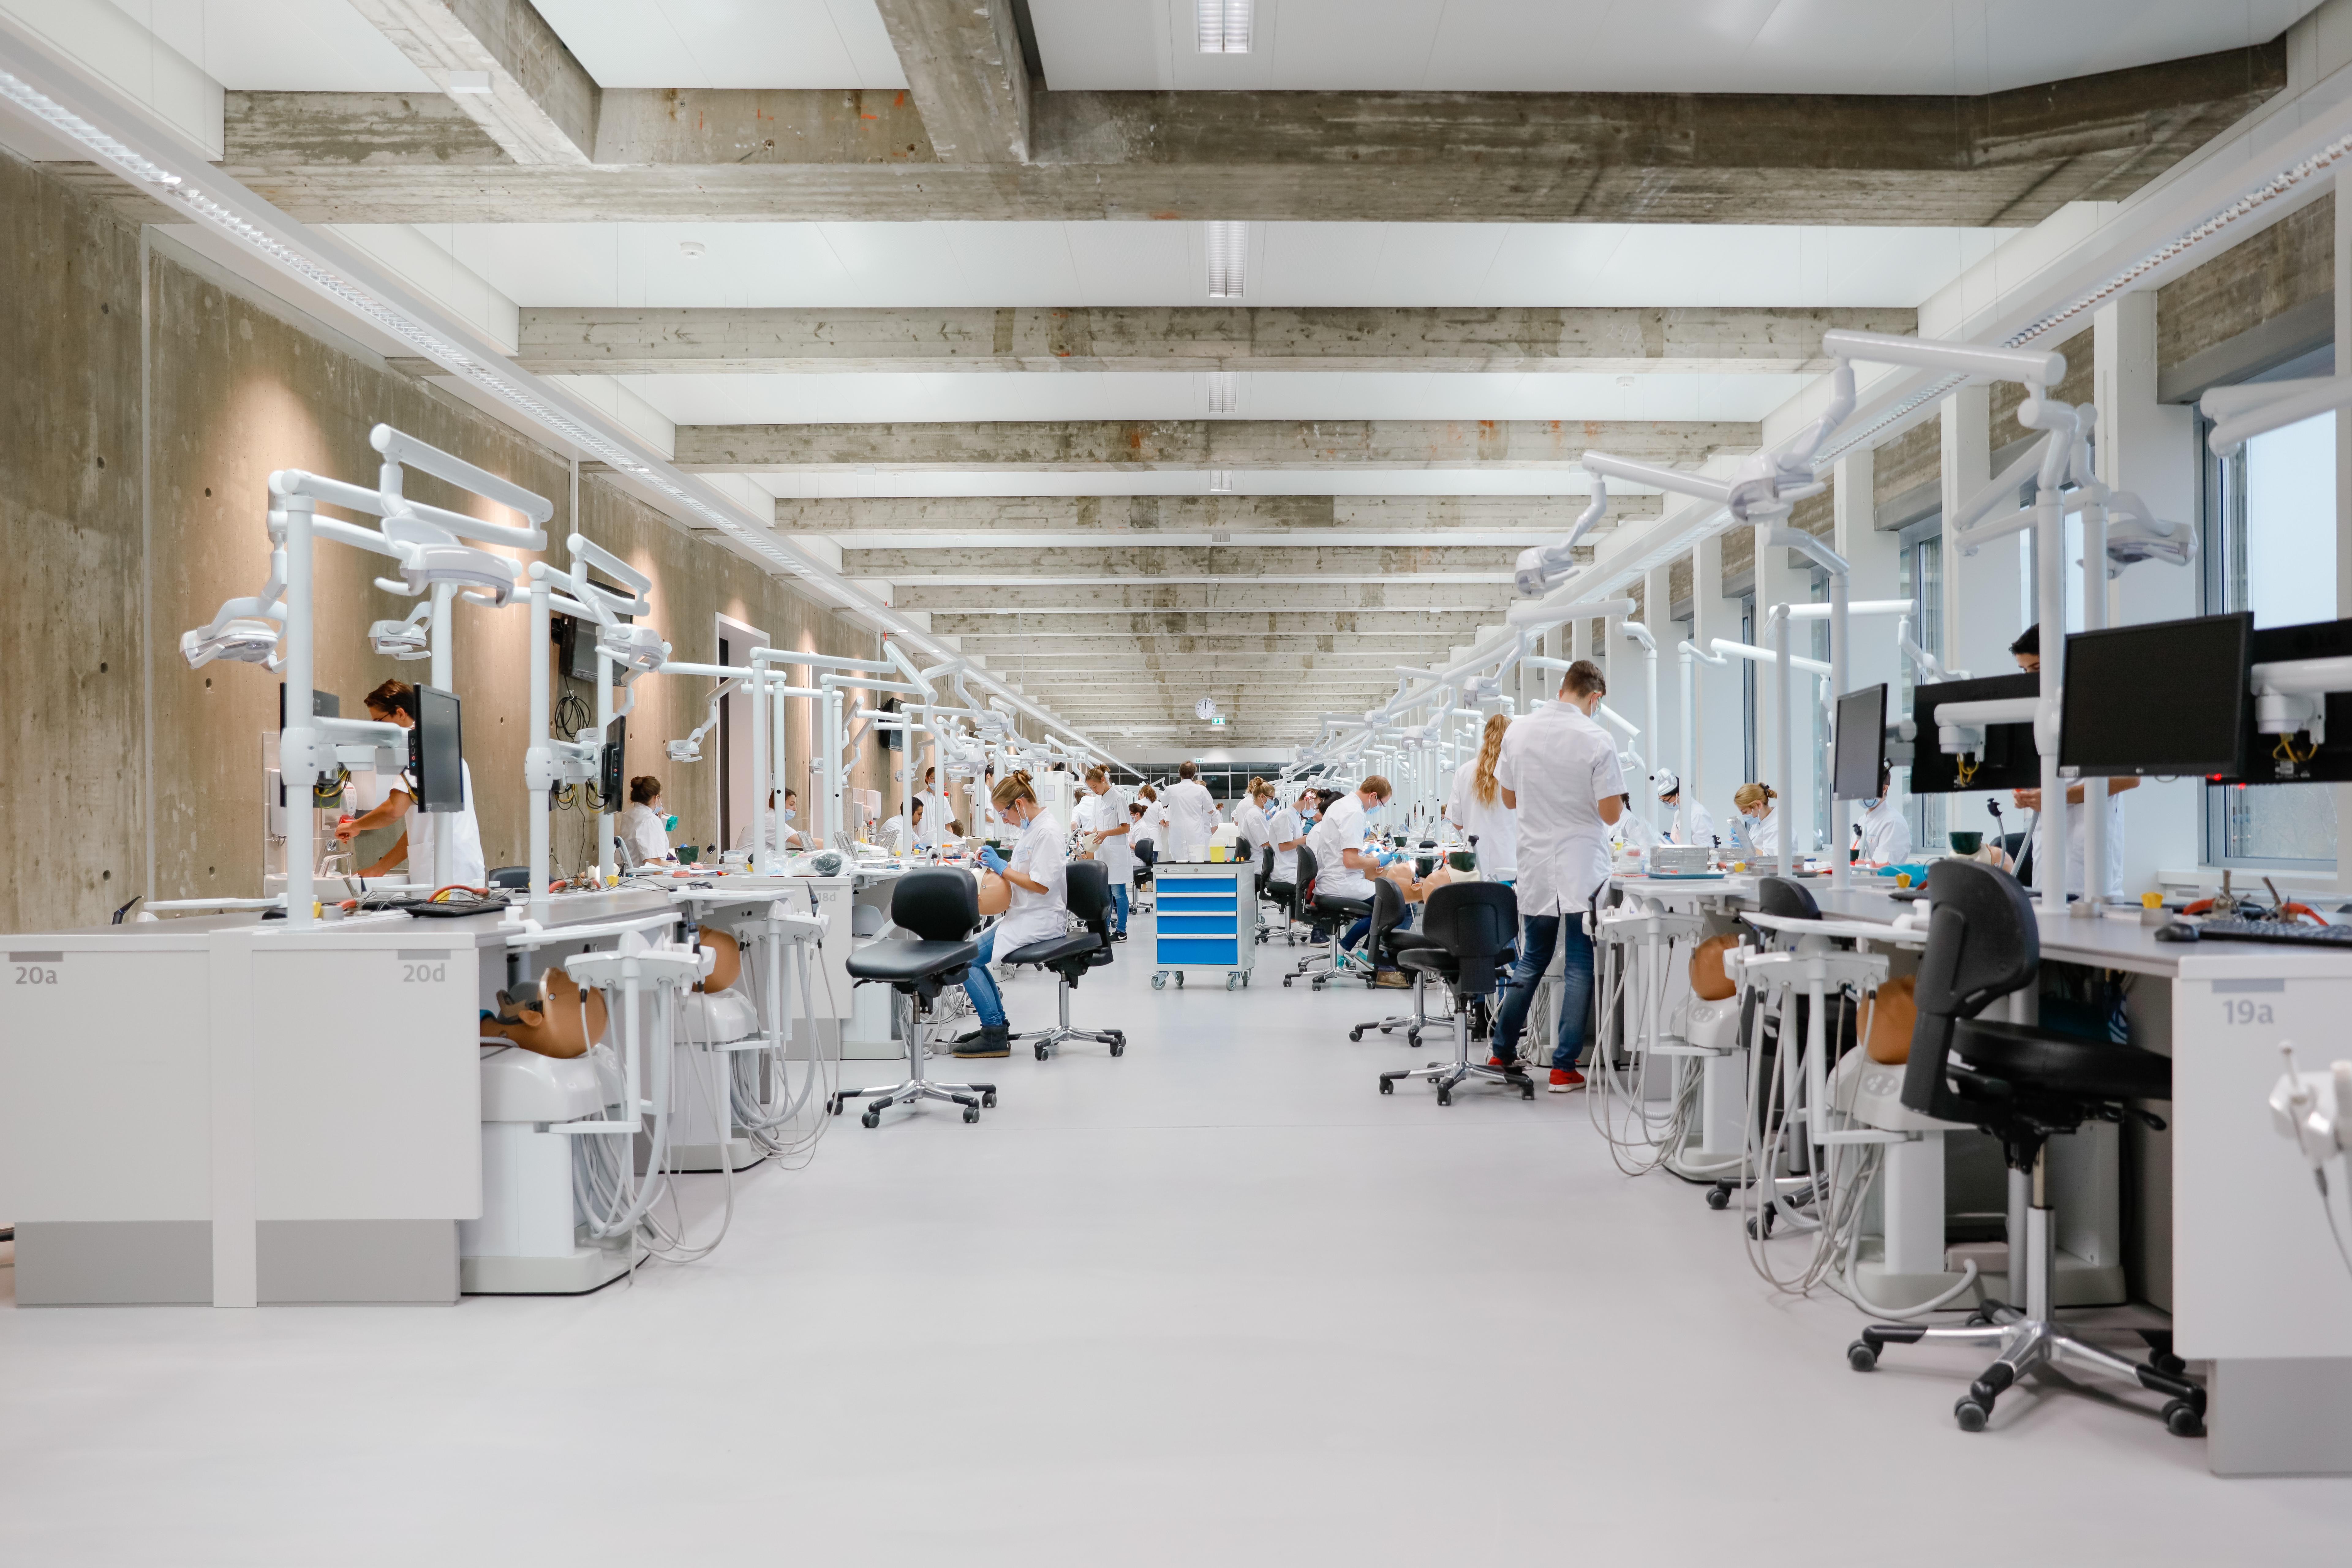 <p>Nieuw onderwijs praktijkzaal Tandheelkunde (foto: Eric Scholten)</p>